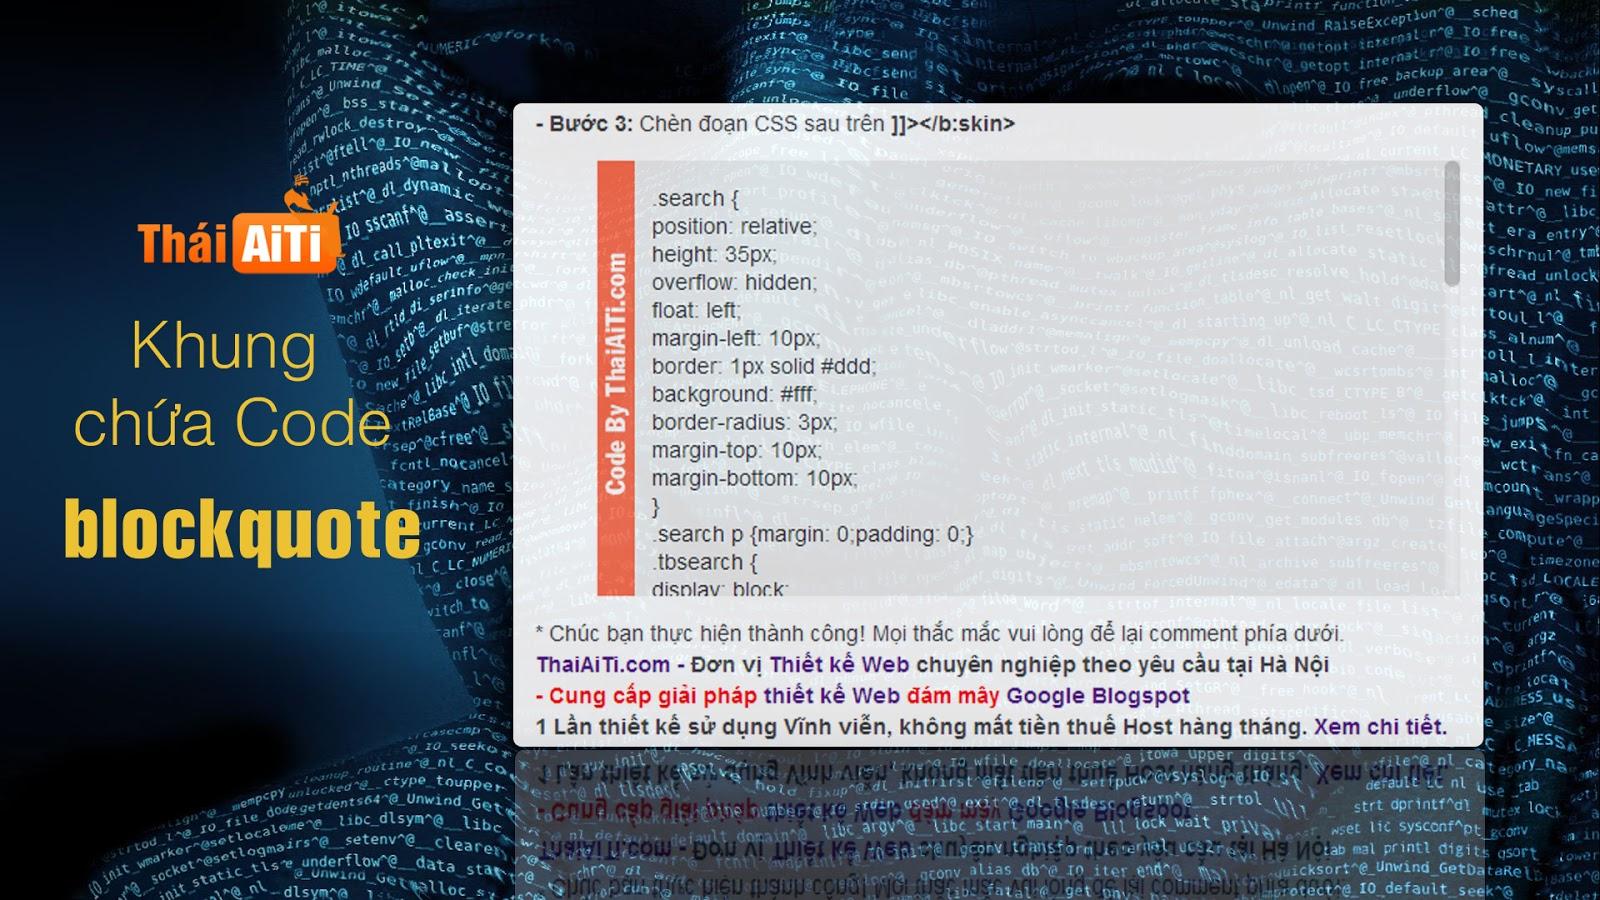 Thủ thuật CSS tạo khung chứa Code cho Blogspot